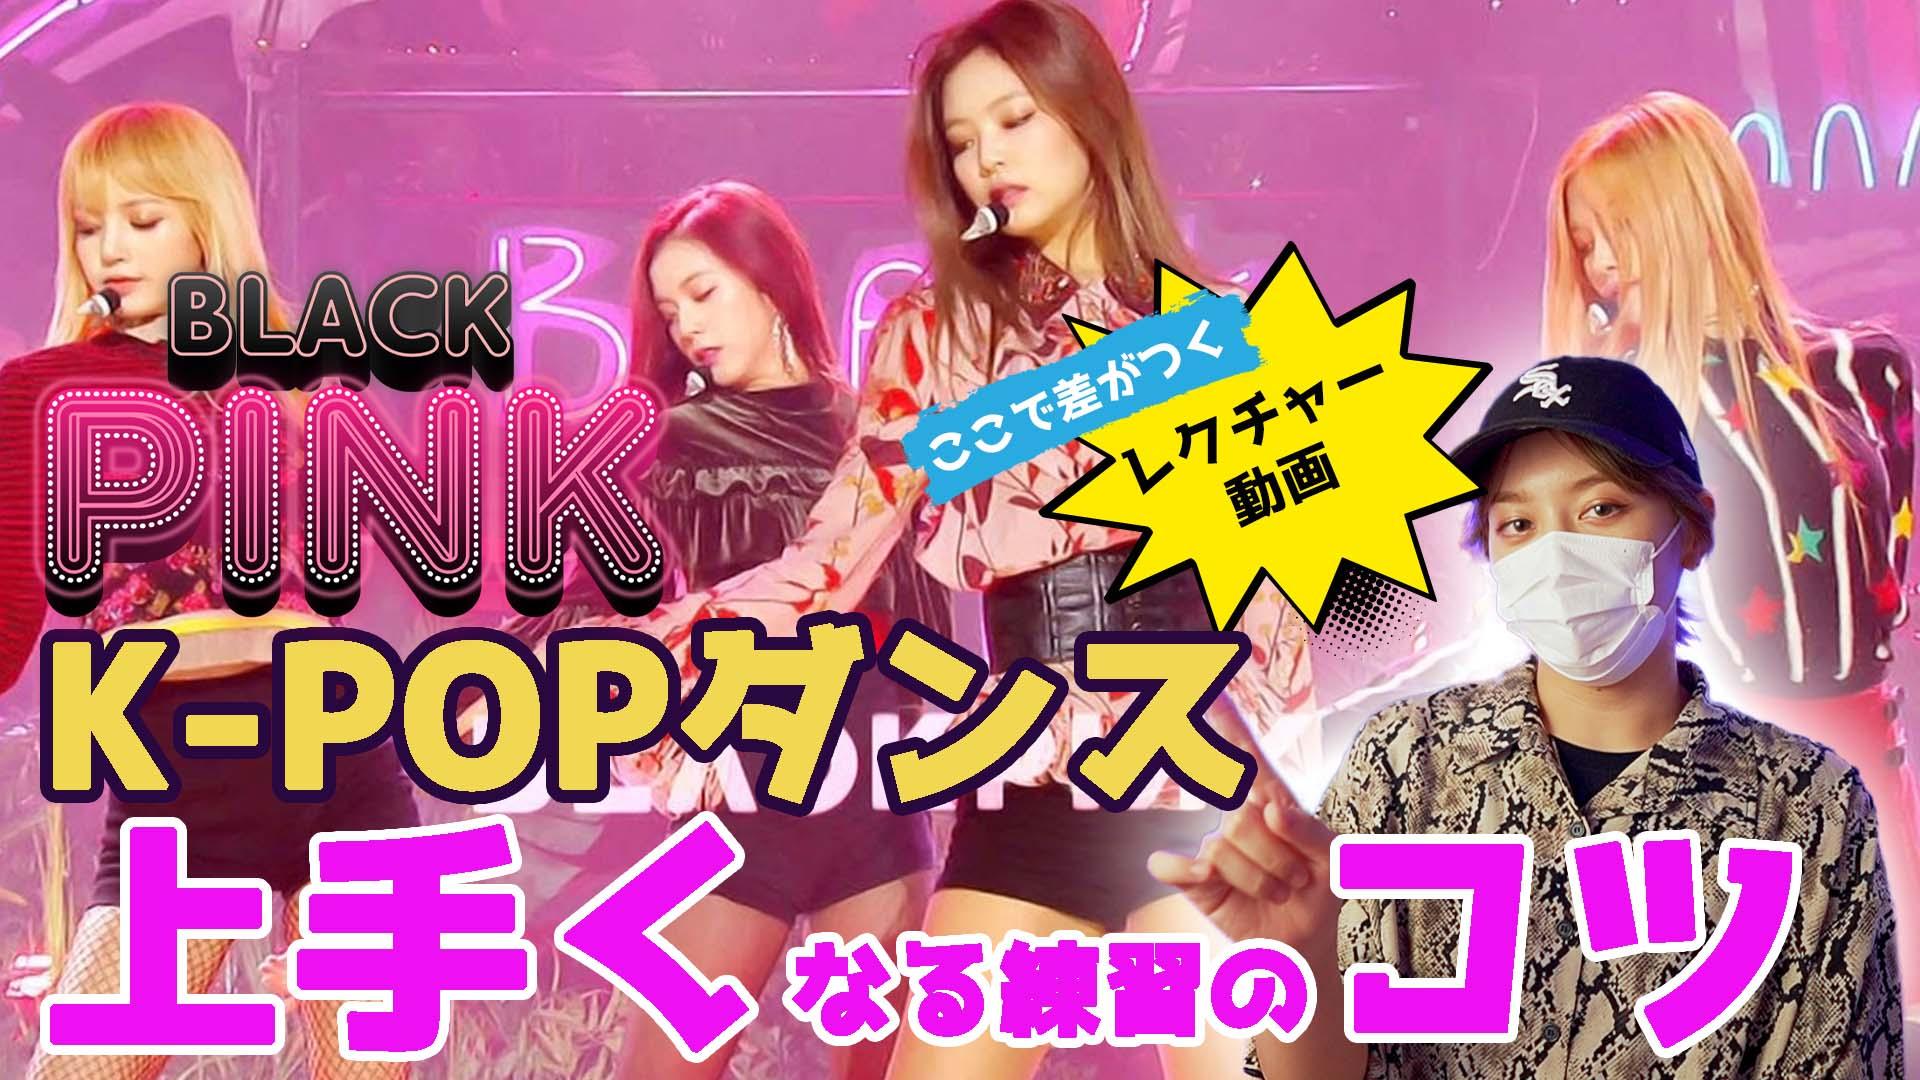 BLACKPINK の PLAYING WITH FIRE でK-POPダンスが上手くなる方法を伝授!